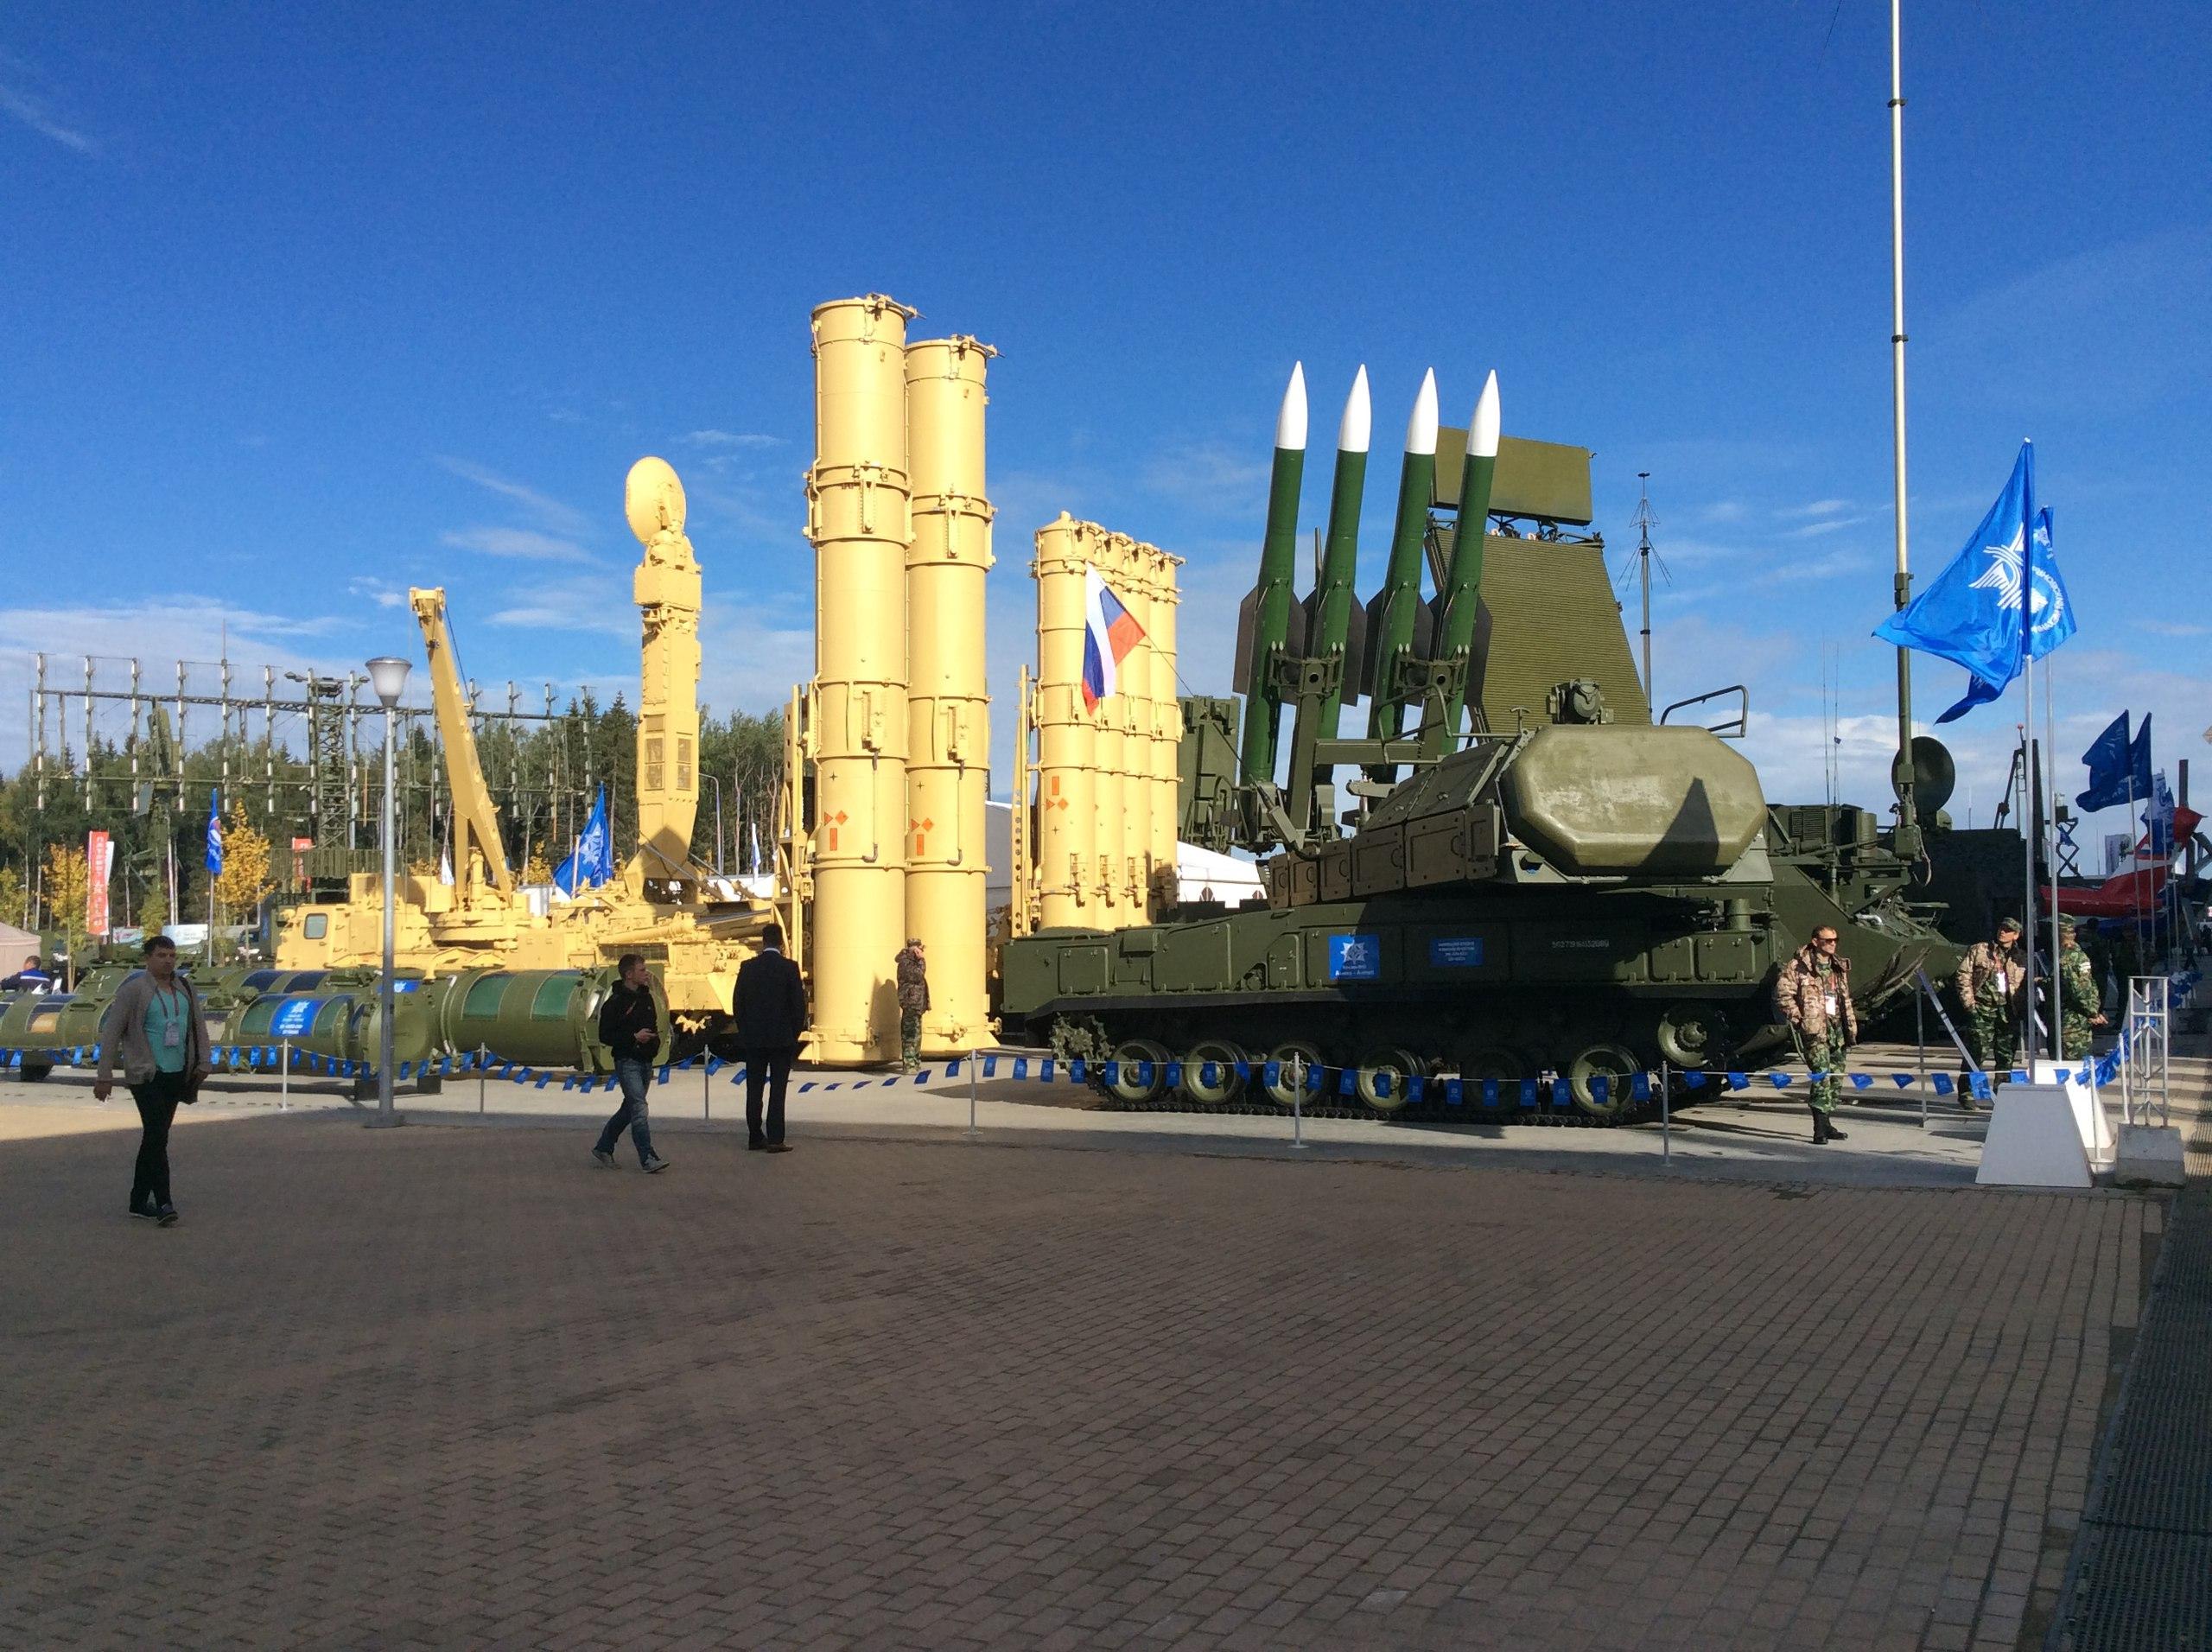 """مصر تتسلم منظومة صواريخ """"أس – 300 بي أم""""  - صفحة 5 32843880455_021b8082ff_o"""